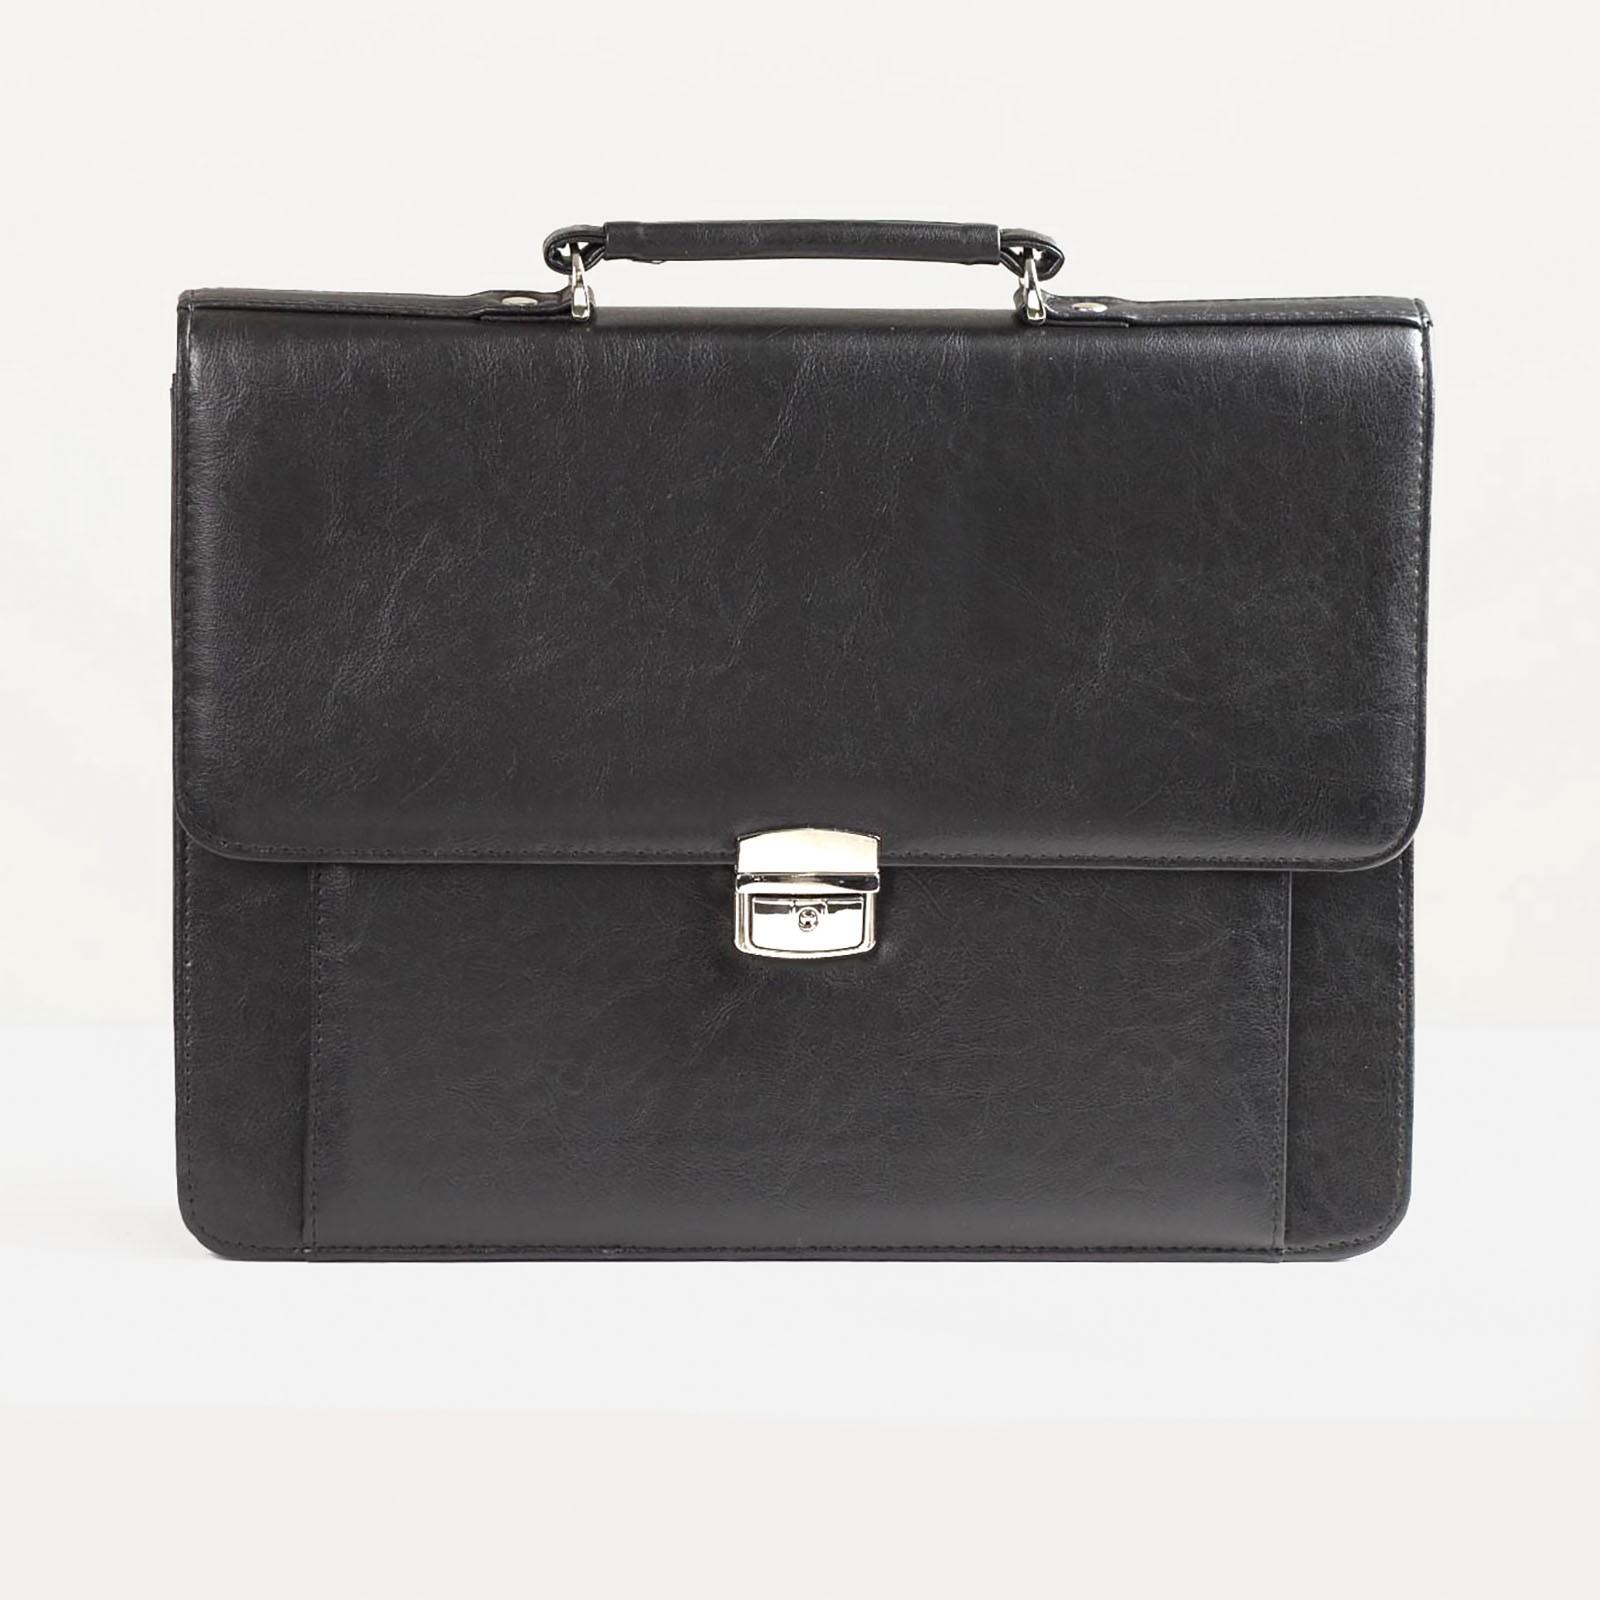 ea3846e7497f Сумка-портфель мужская на молнии, 2 отдела, цвет чёрный (1809114 ...